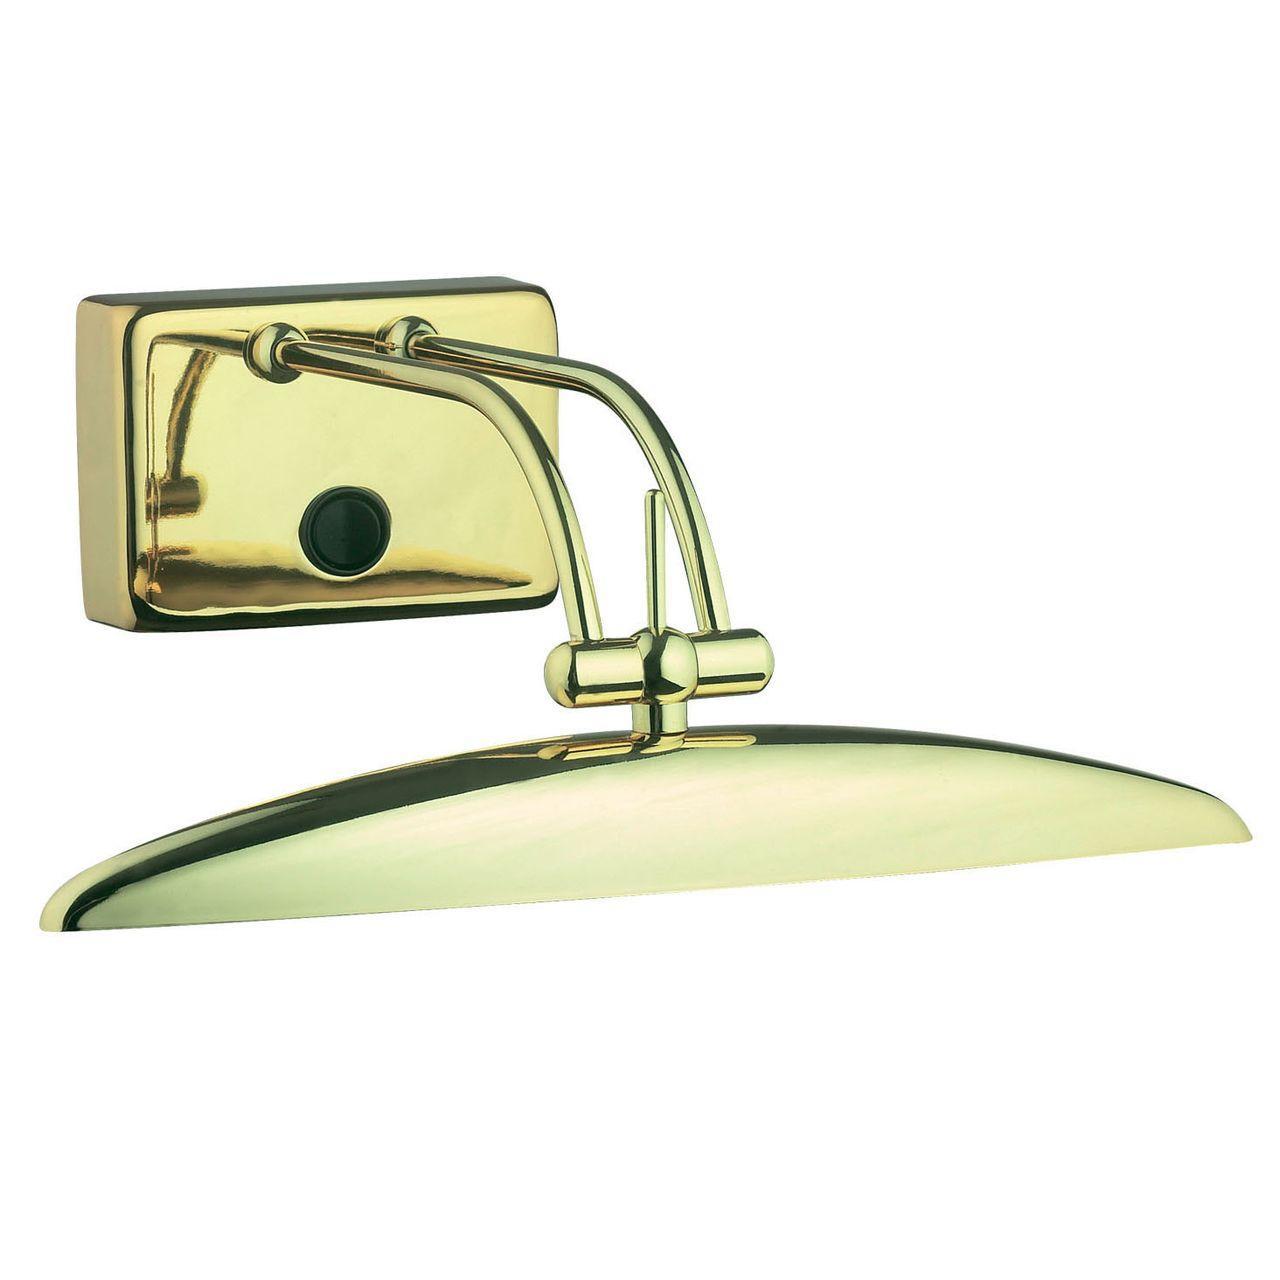 Купить Подсветка для картин Ideal Lux Mirror- AP Ottone в интернет магазине дизайнерской мебели и аксессуаров для дома и дачи